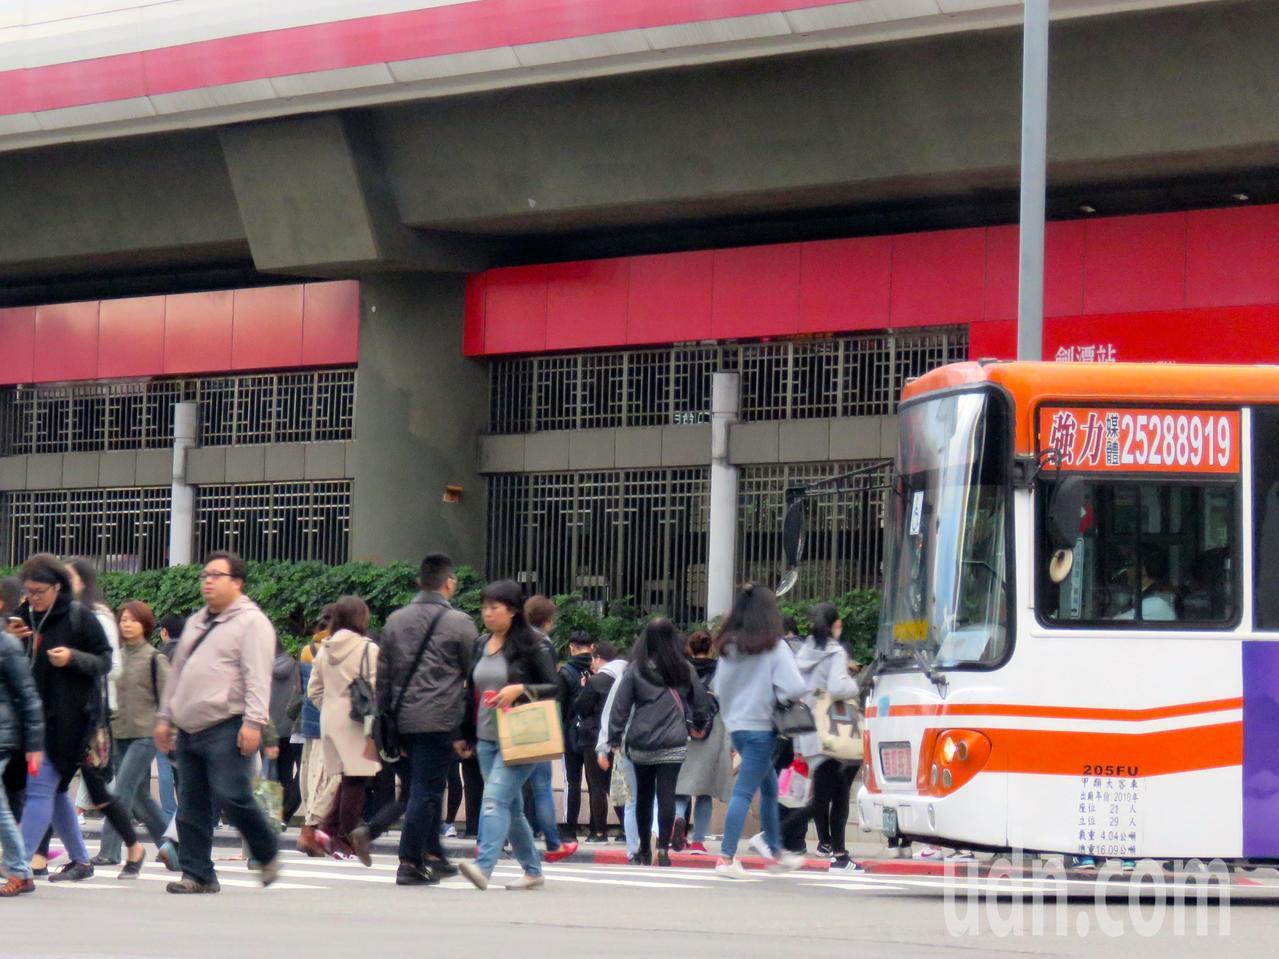 學者表示,台灣私人運具利用密度過高,不共用綠燈時間將造成壅塞。記者雷光涵/攝影